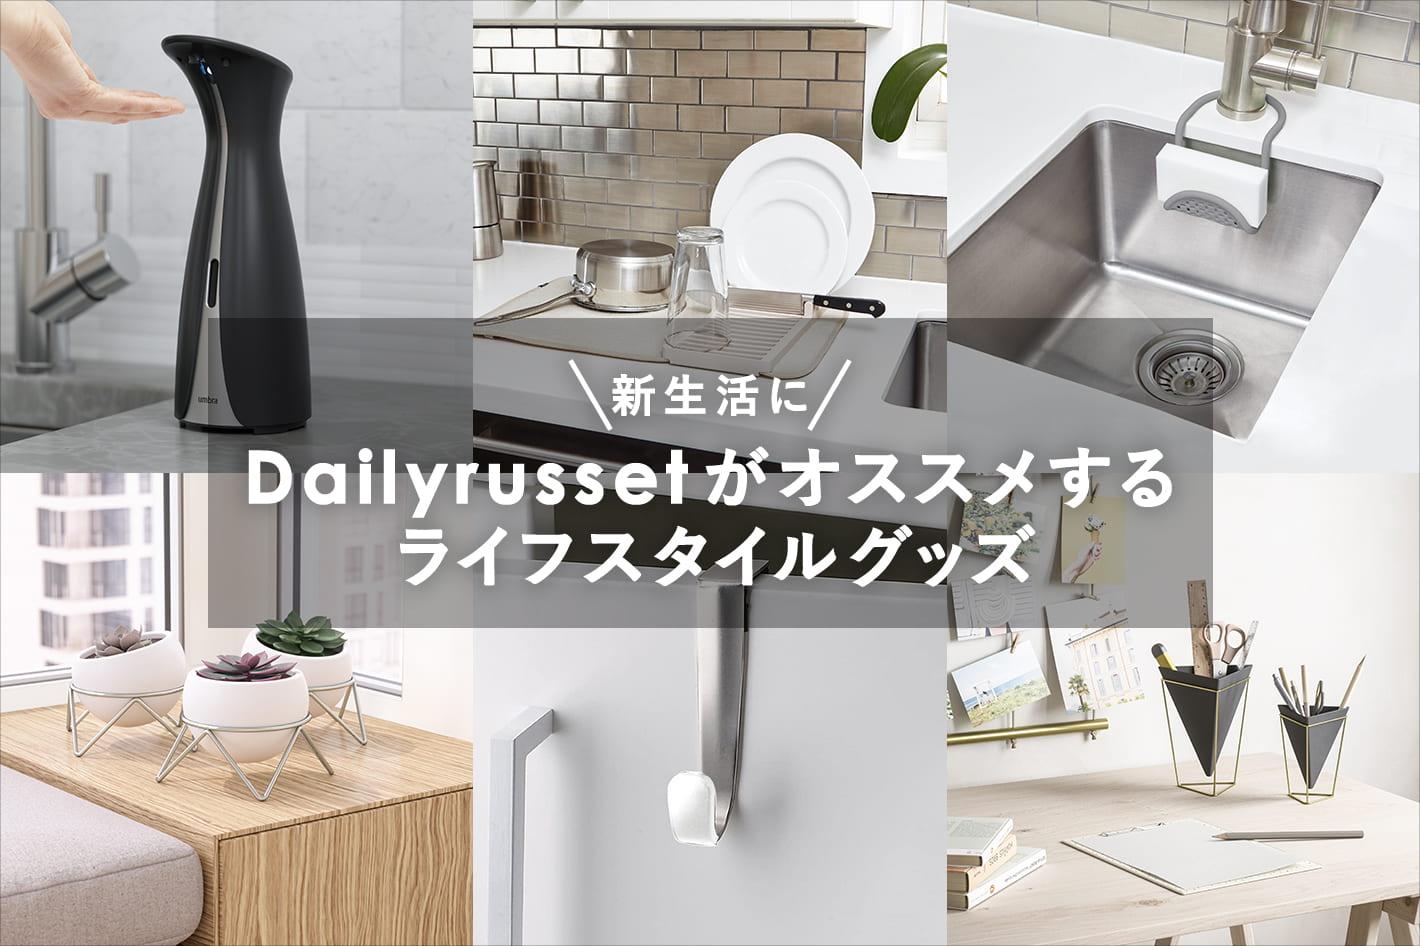 """Daily russet 注目のブランド""""Umbra/アンブラ""""が登場!"""